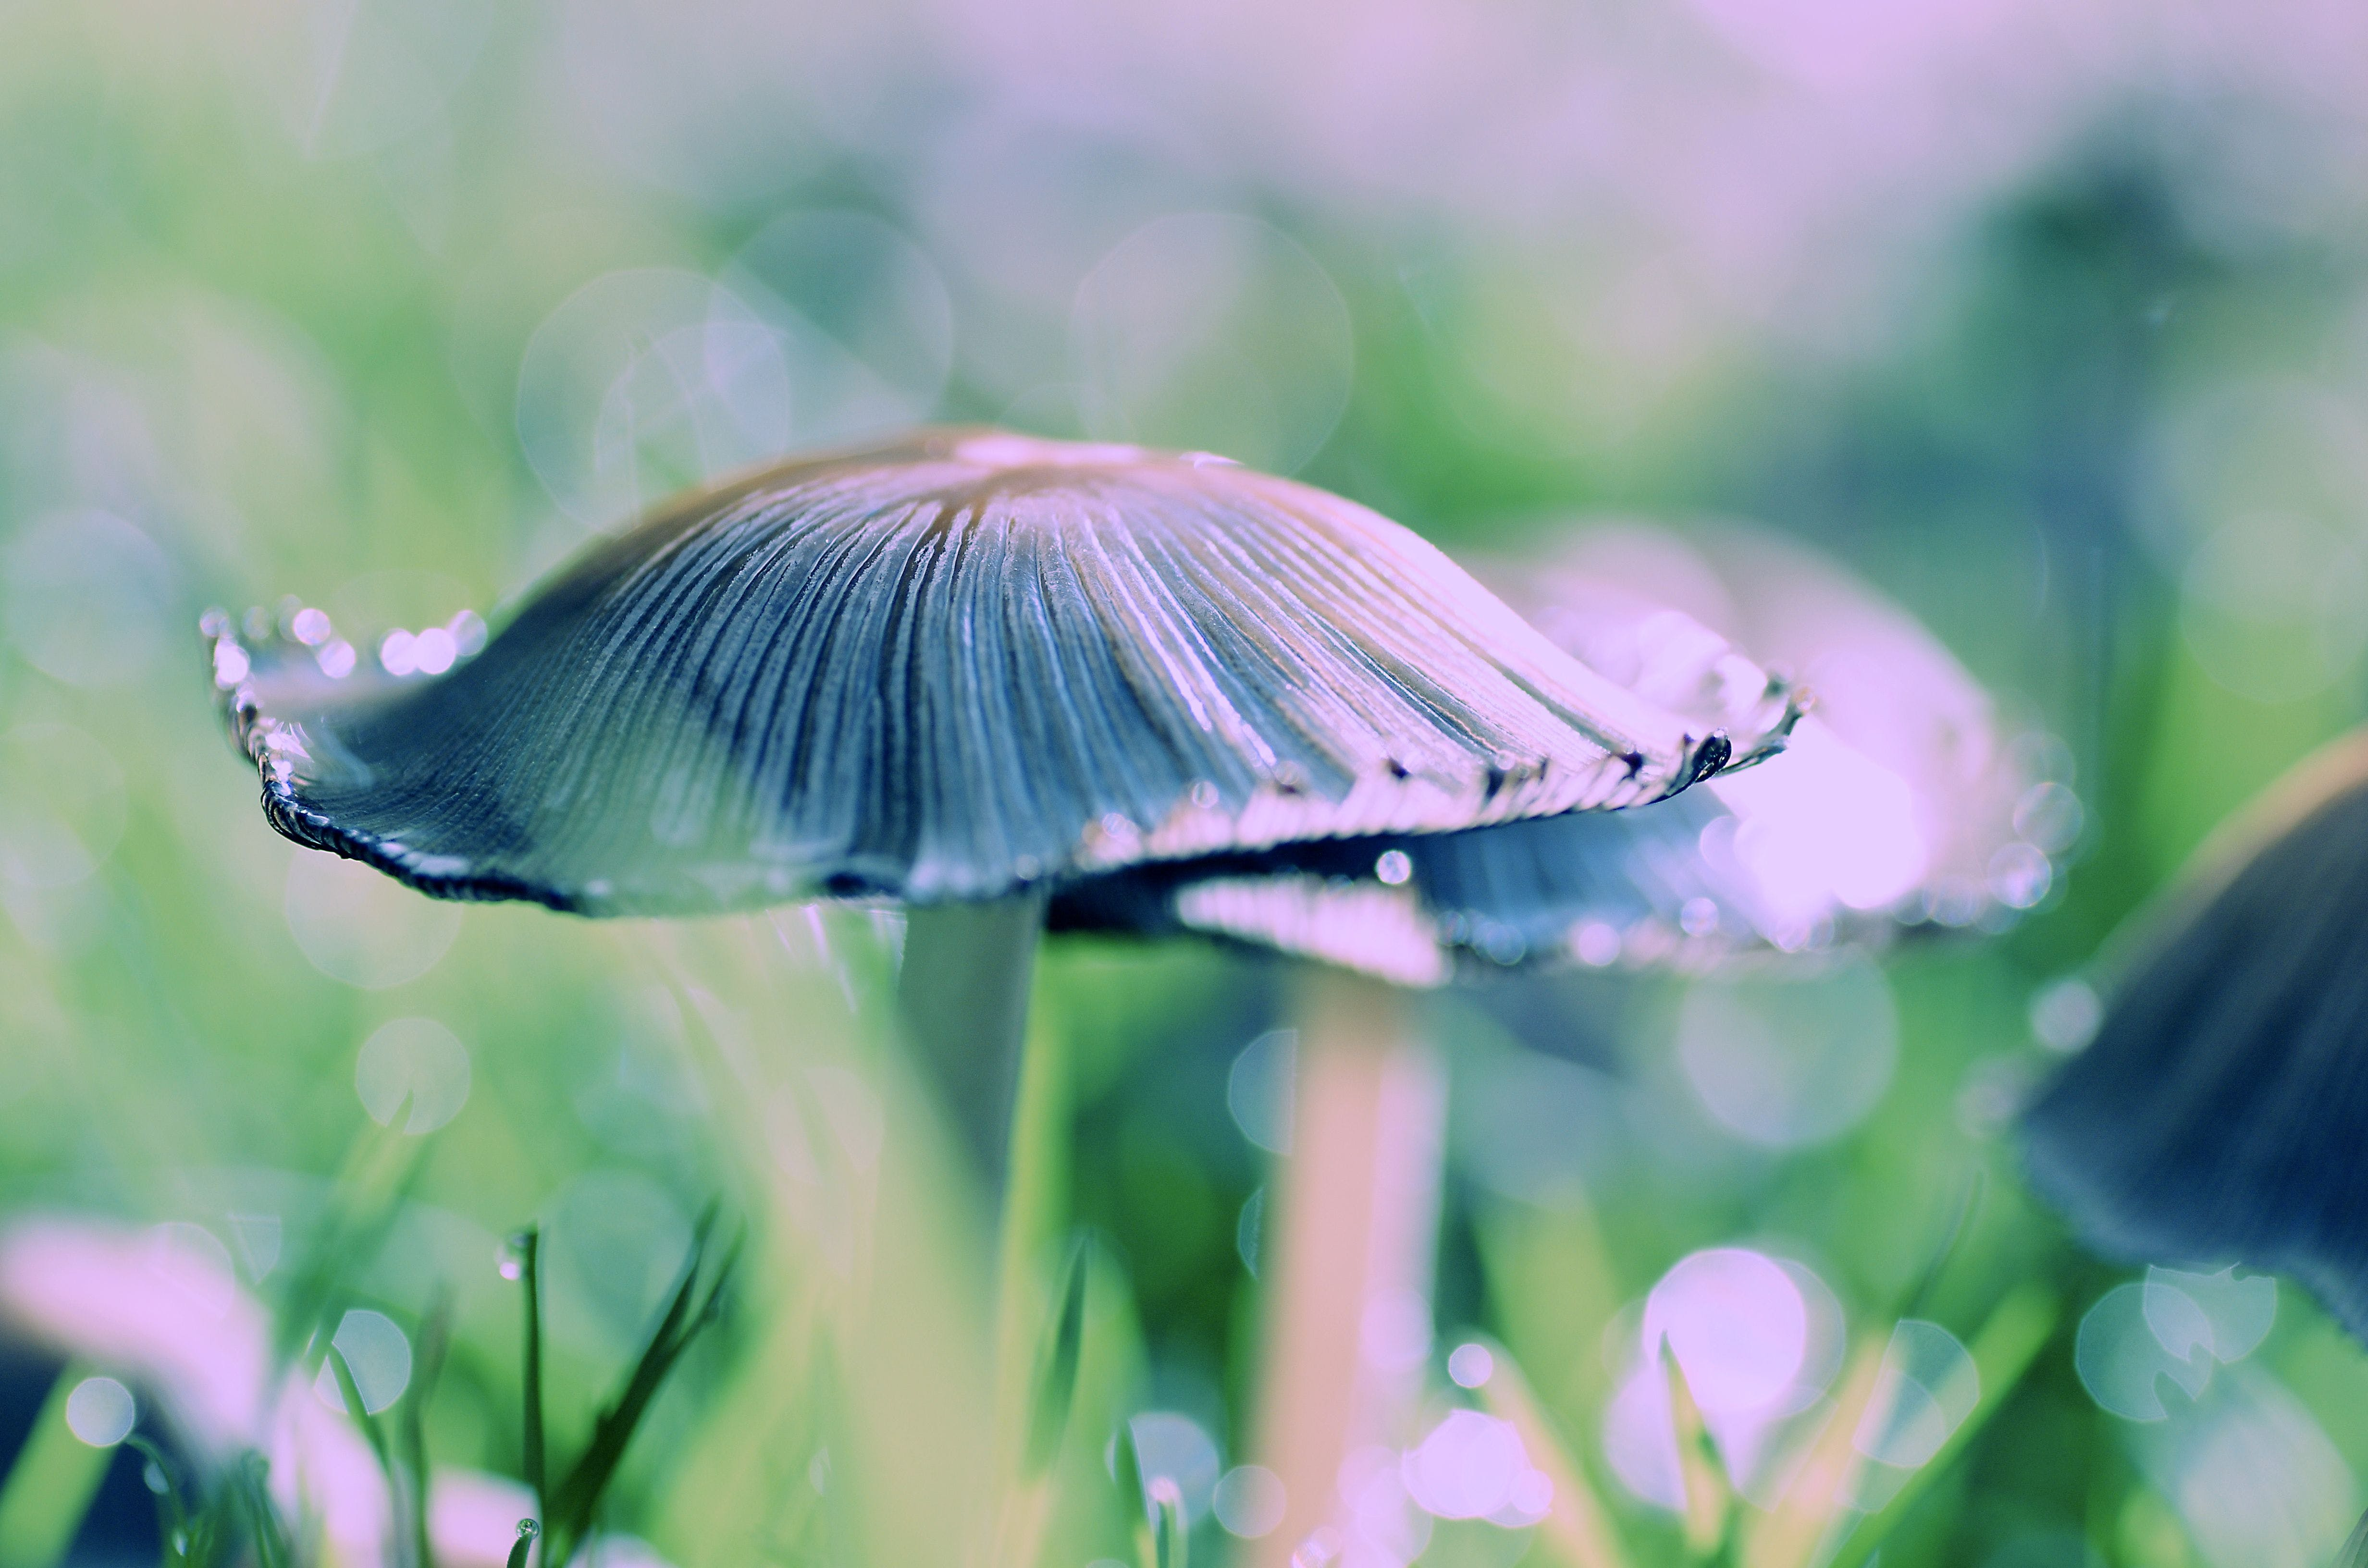 Gratis lagerfoto af bane, close-up, farve, græs